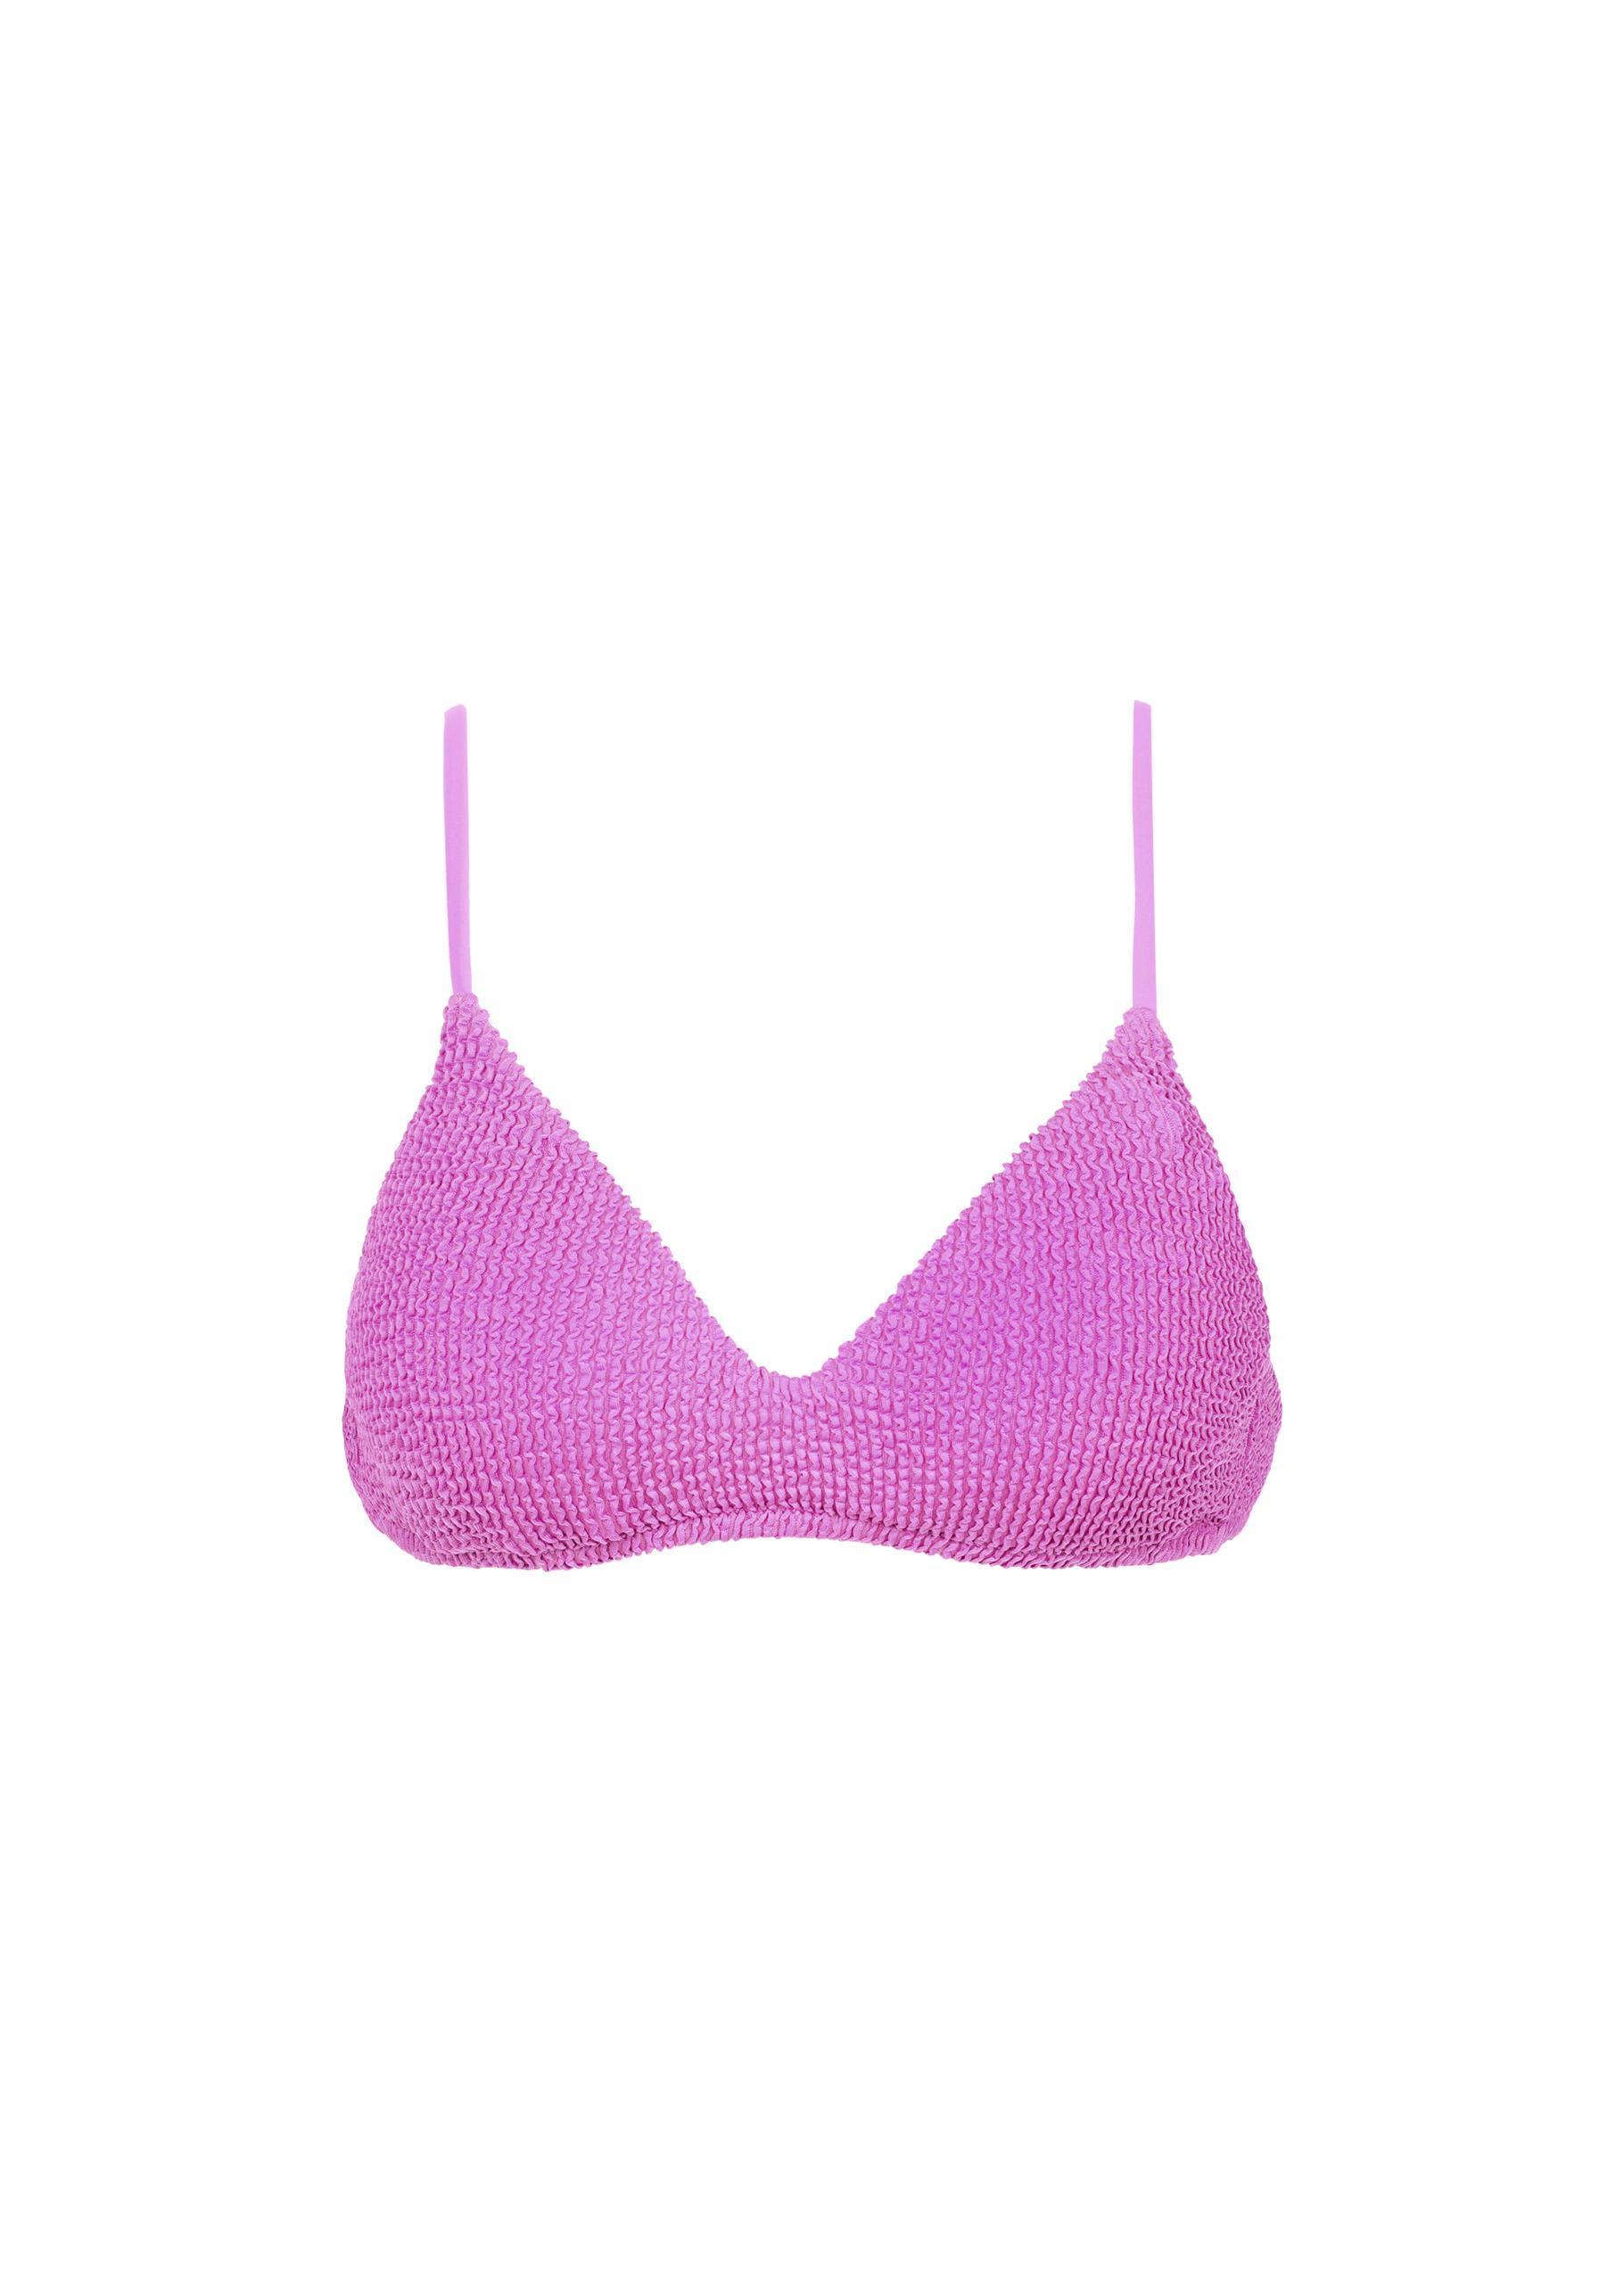 prezzo ragionevole comprando ora Vendita calda 2019 Lyst - Calzedonia Alice Crinkle Triangle Bikini Top in Purple